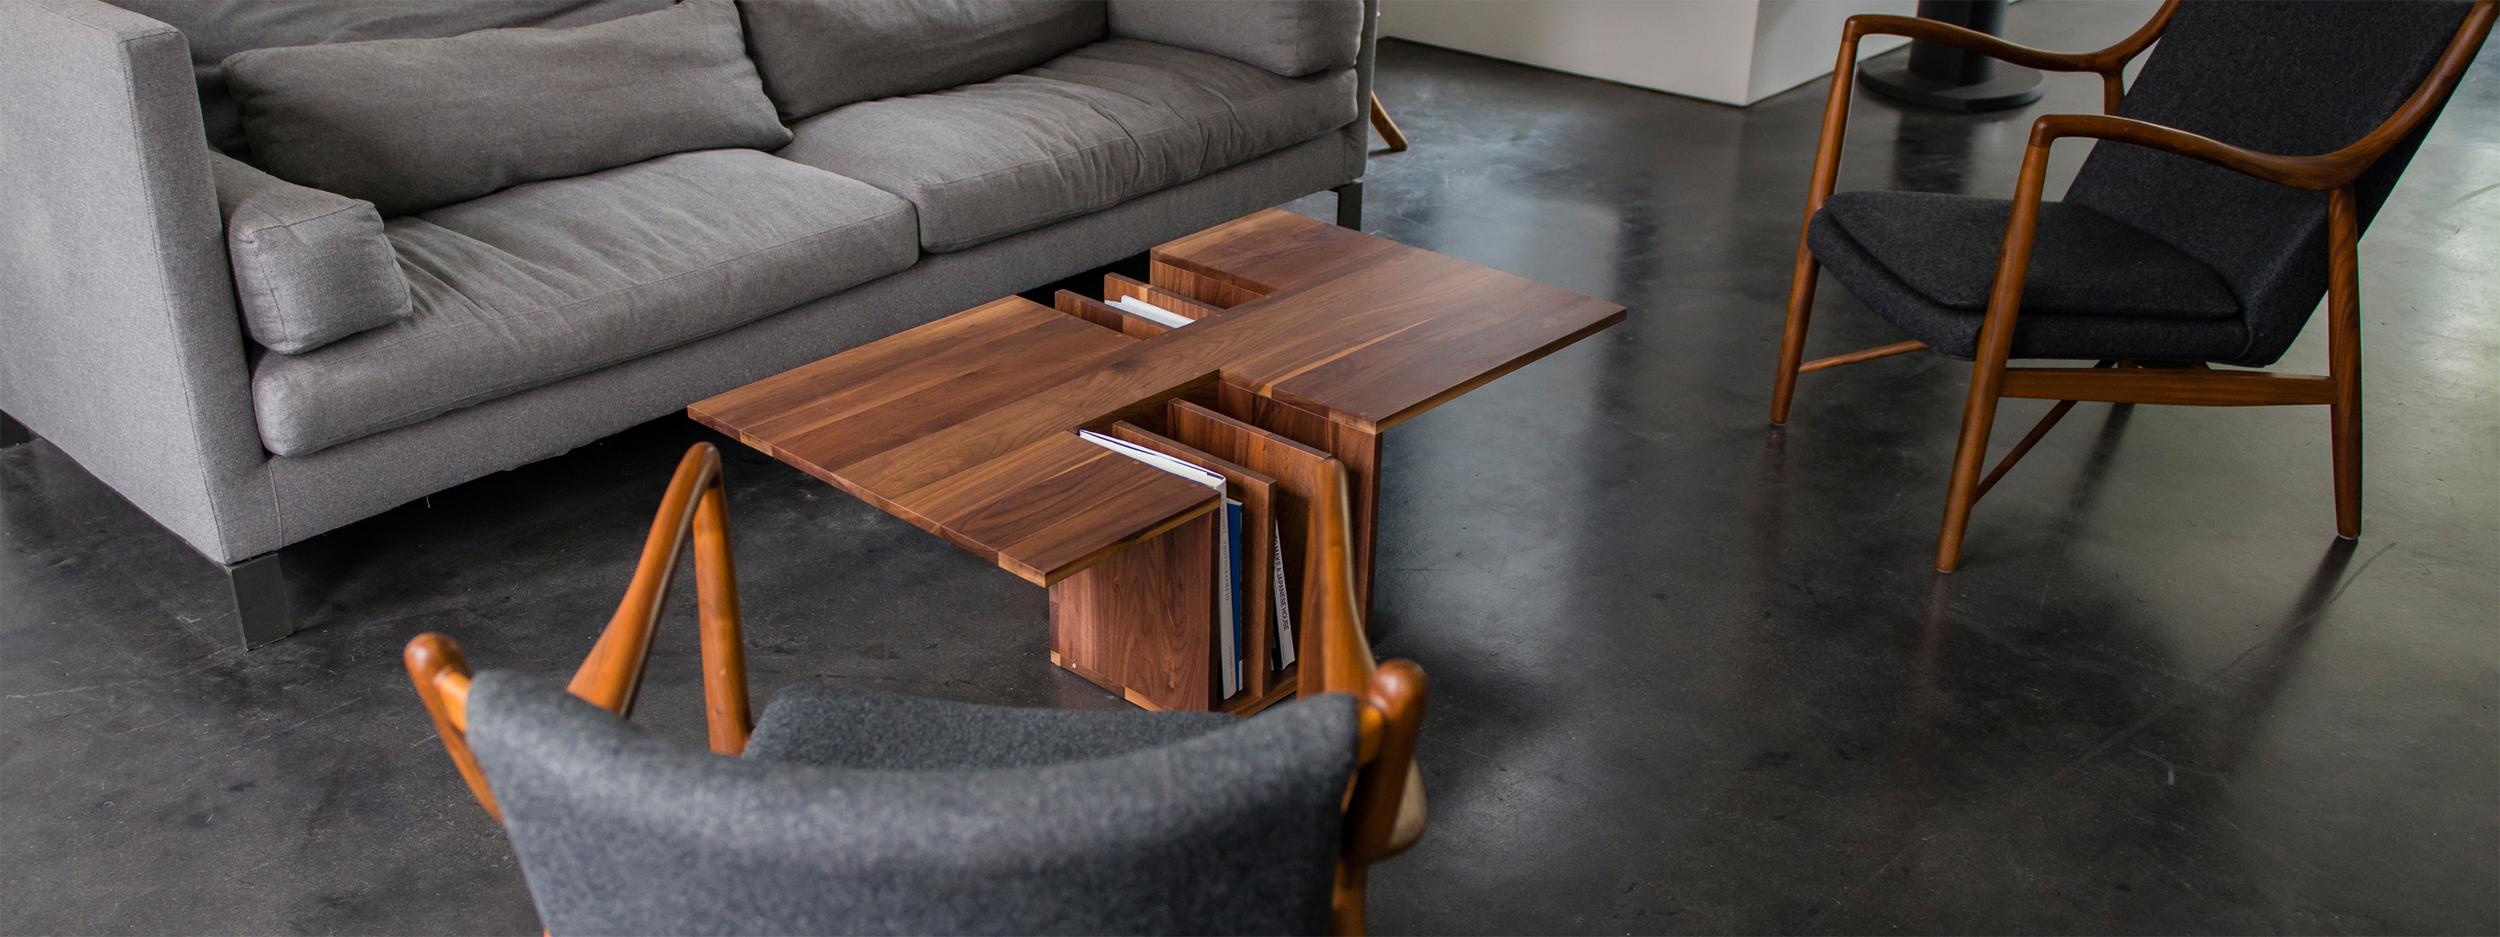 EhoEho-Table-Angela-Shot-09.jpg